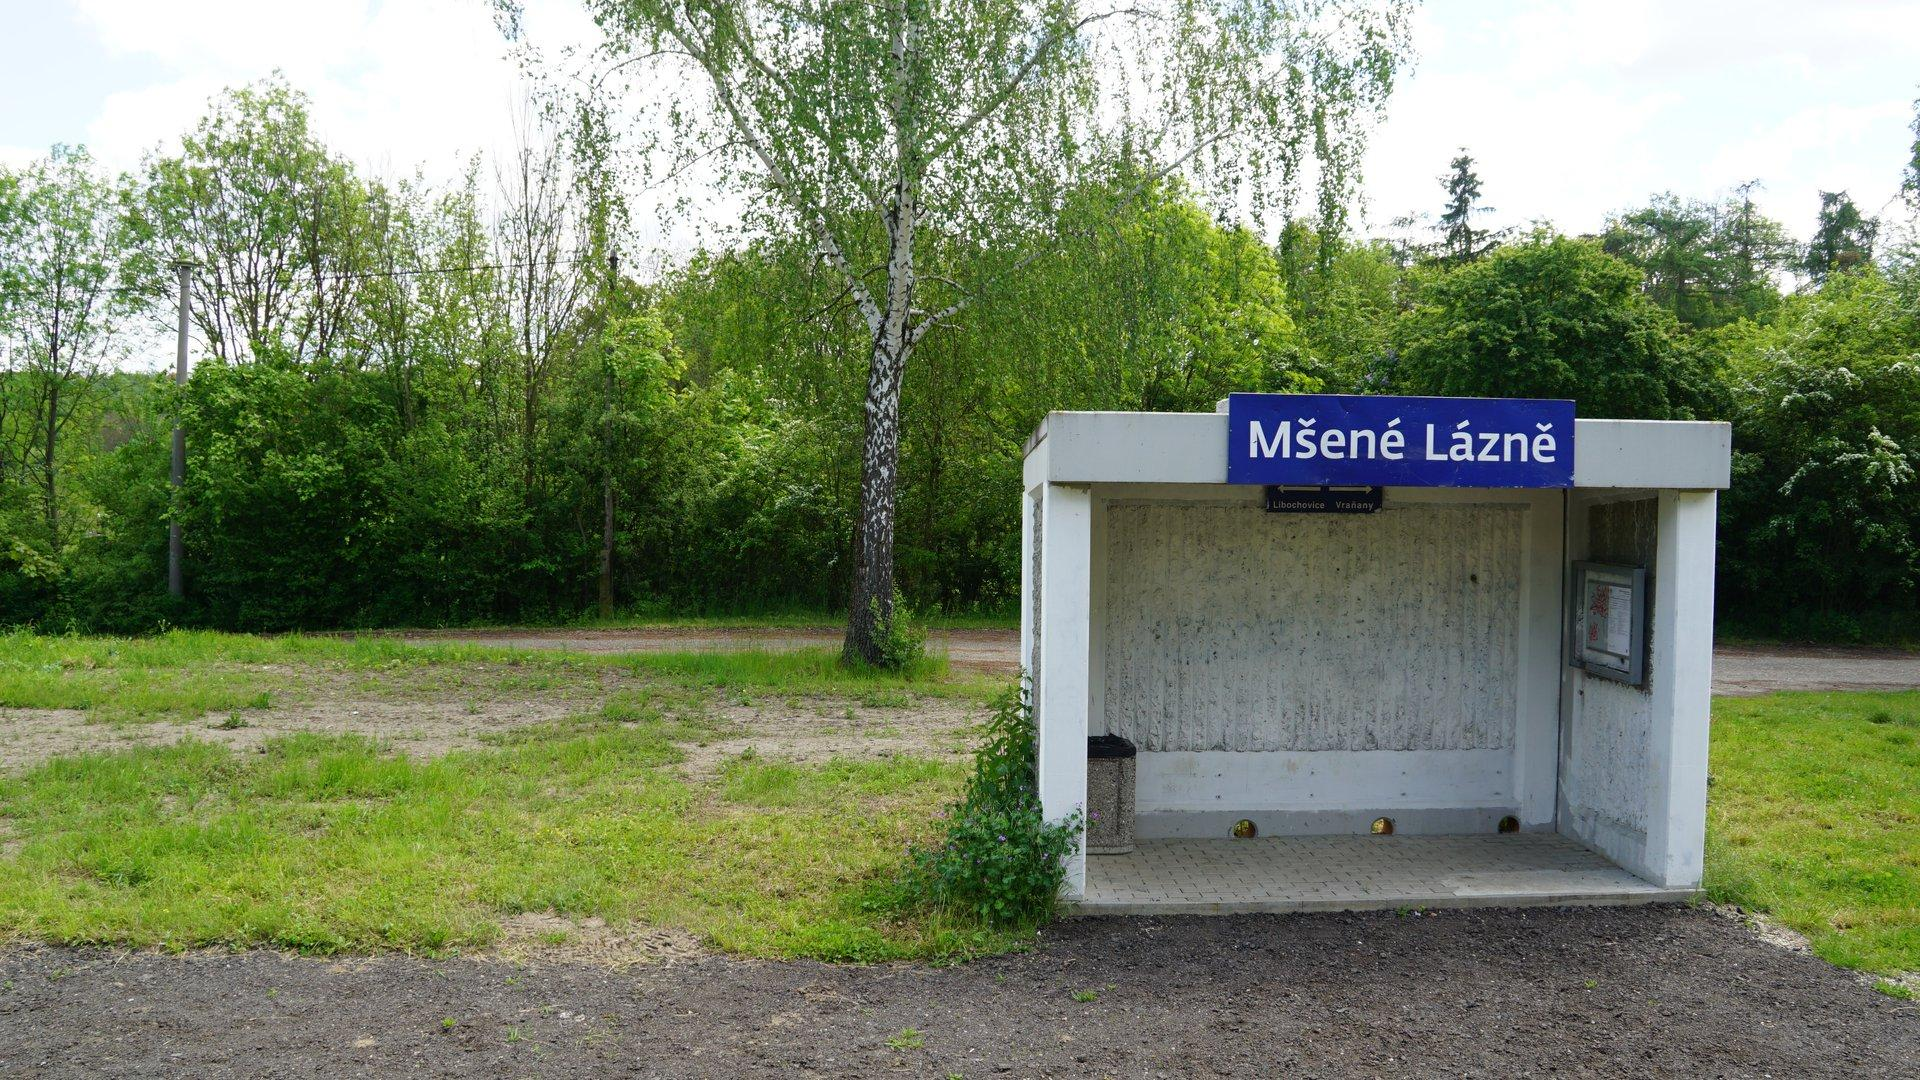 Mšené-lázně